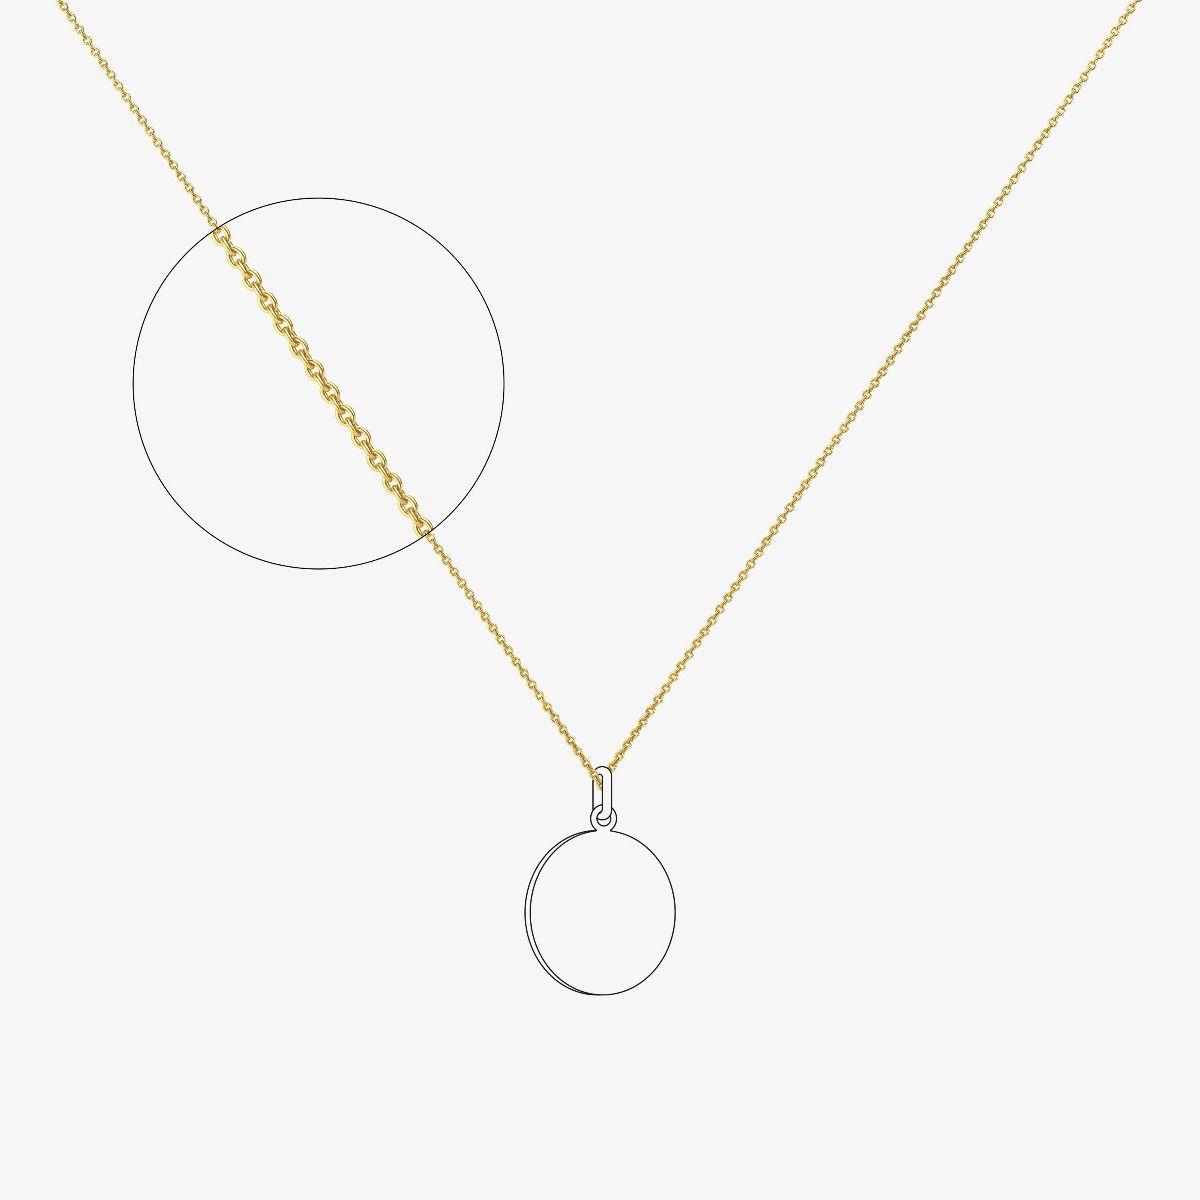 Chaîne maille forçat rond - épaisseur 0,70 mm - Or jaune 18 carats - 40 cm